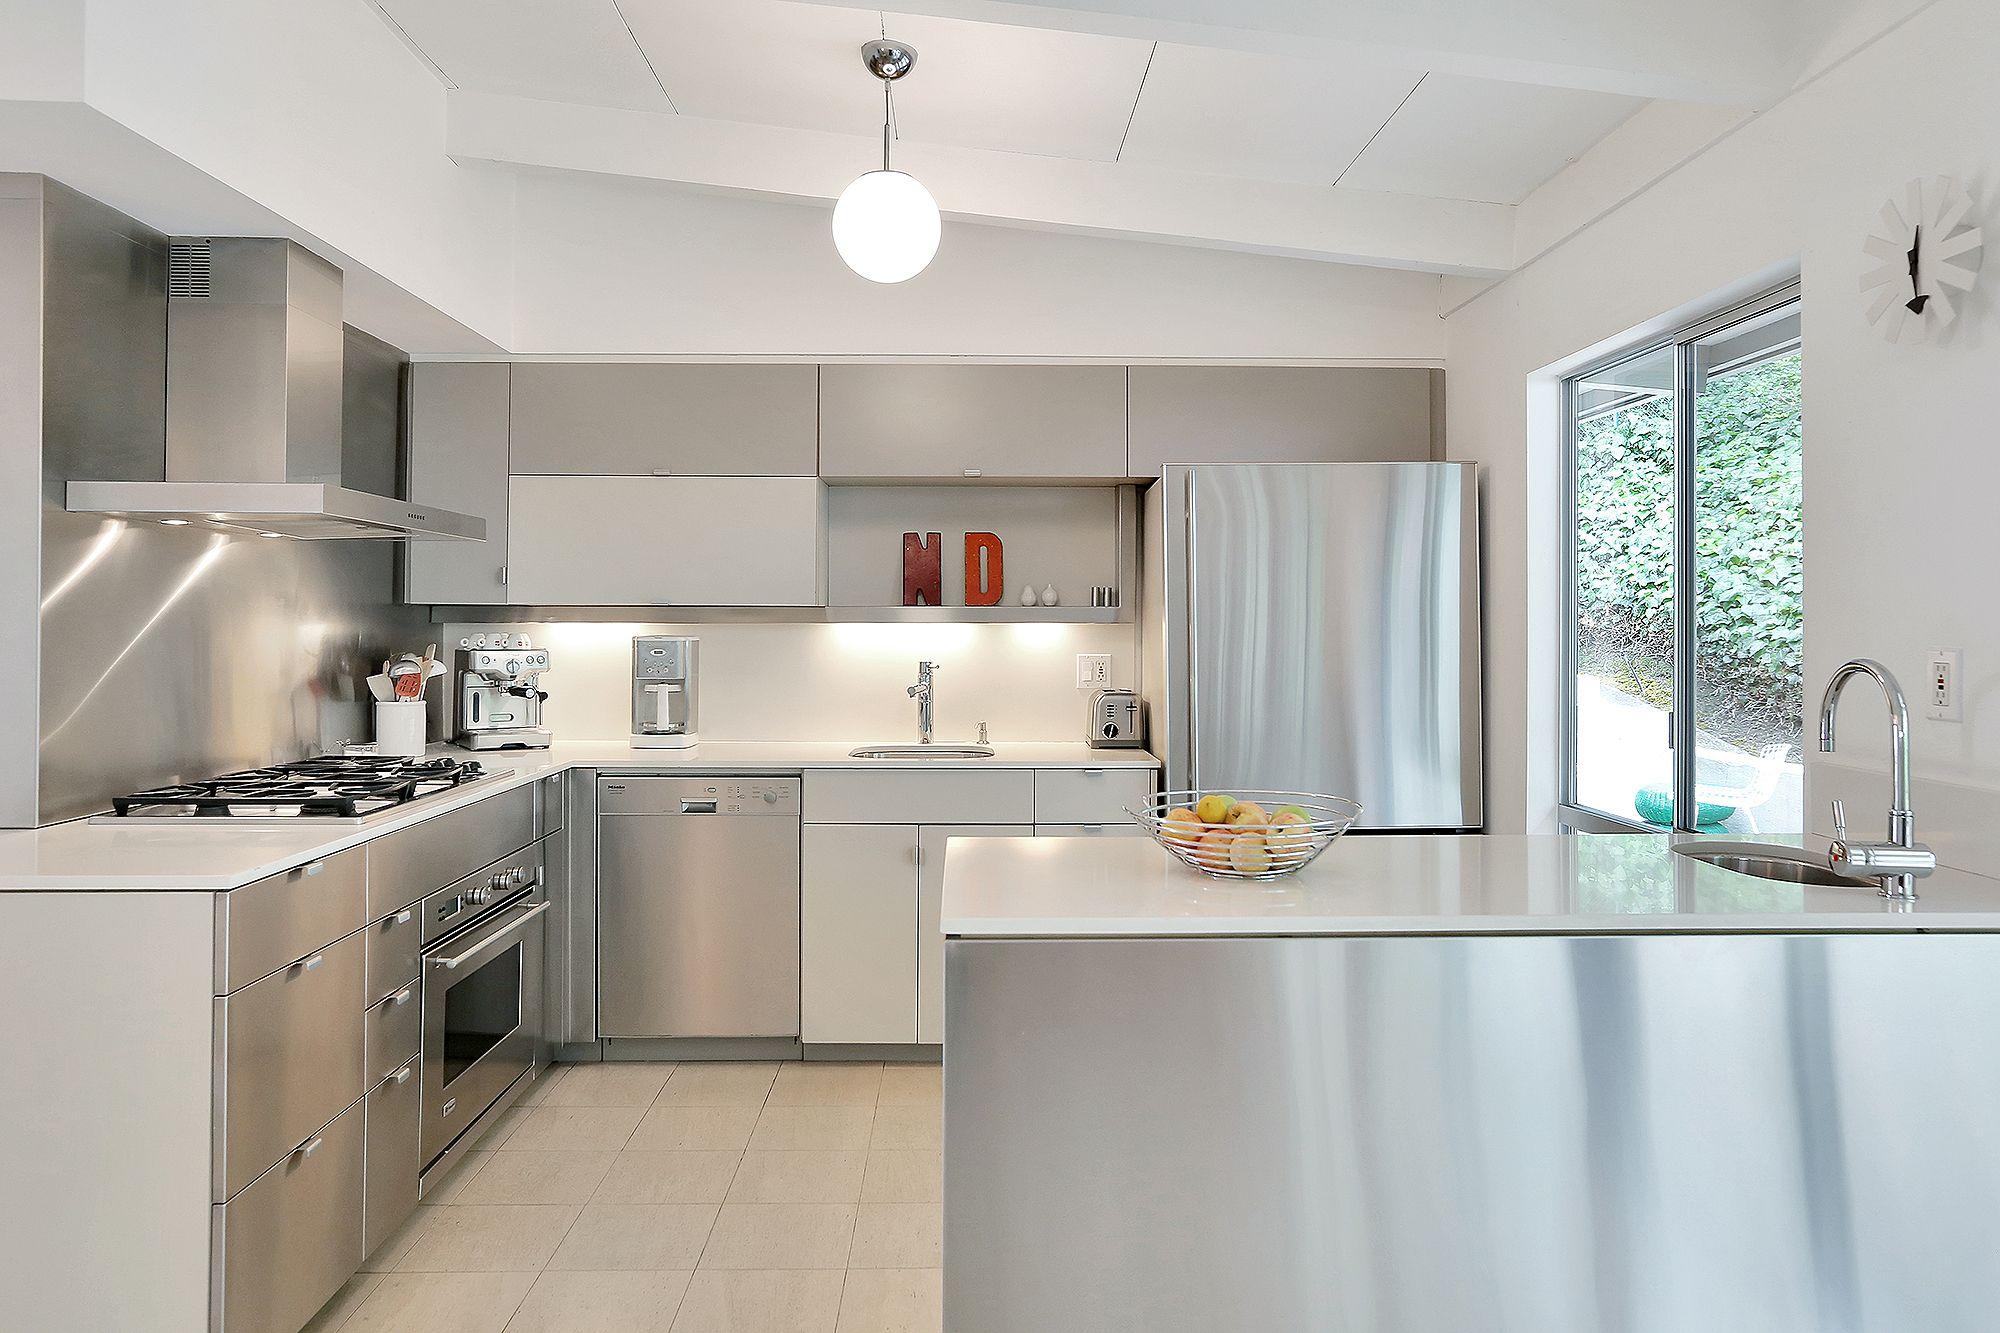 High End Kitchen Appliance Brandsour Pick For A 48Inch Highend Captivating Kitchen Design Brands Inspiration